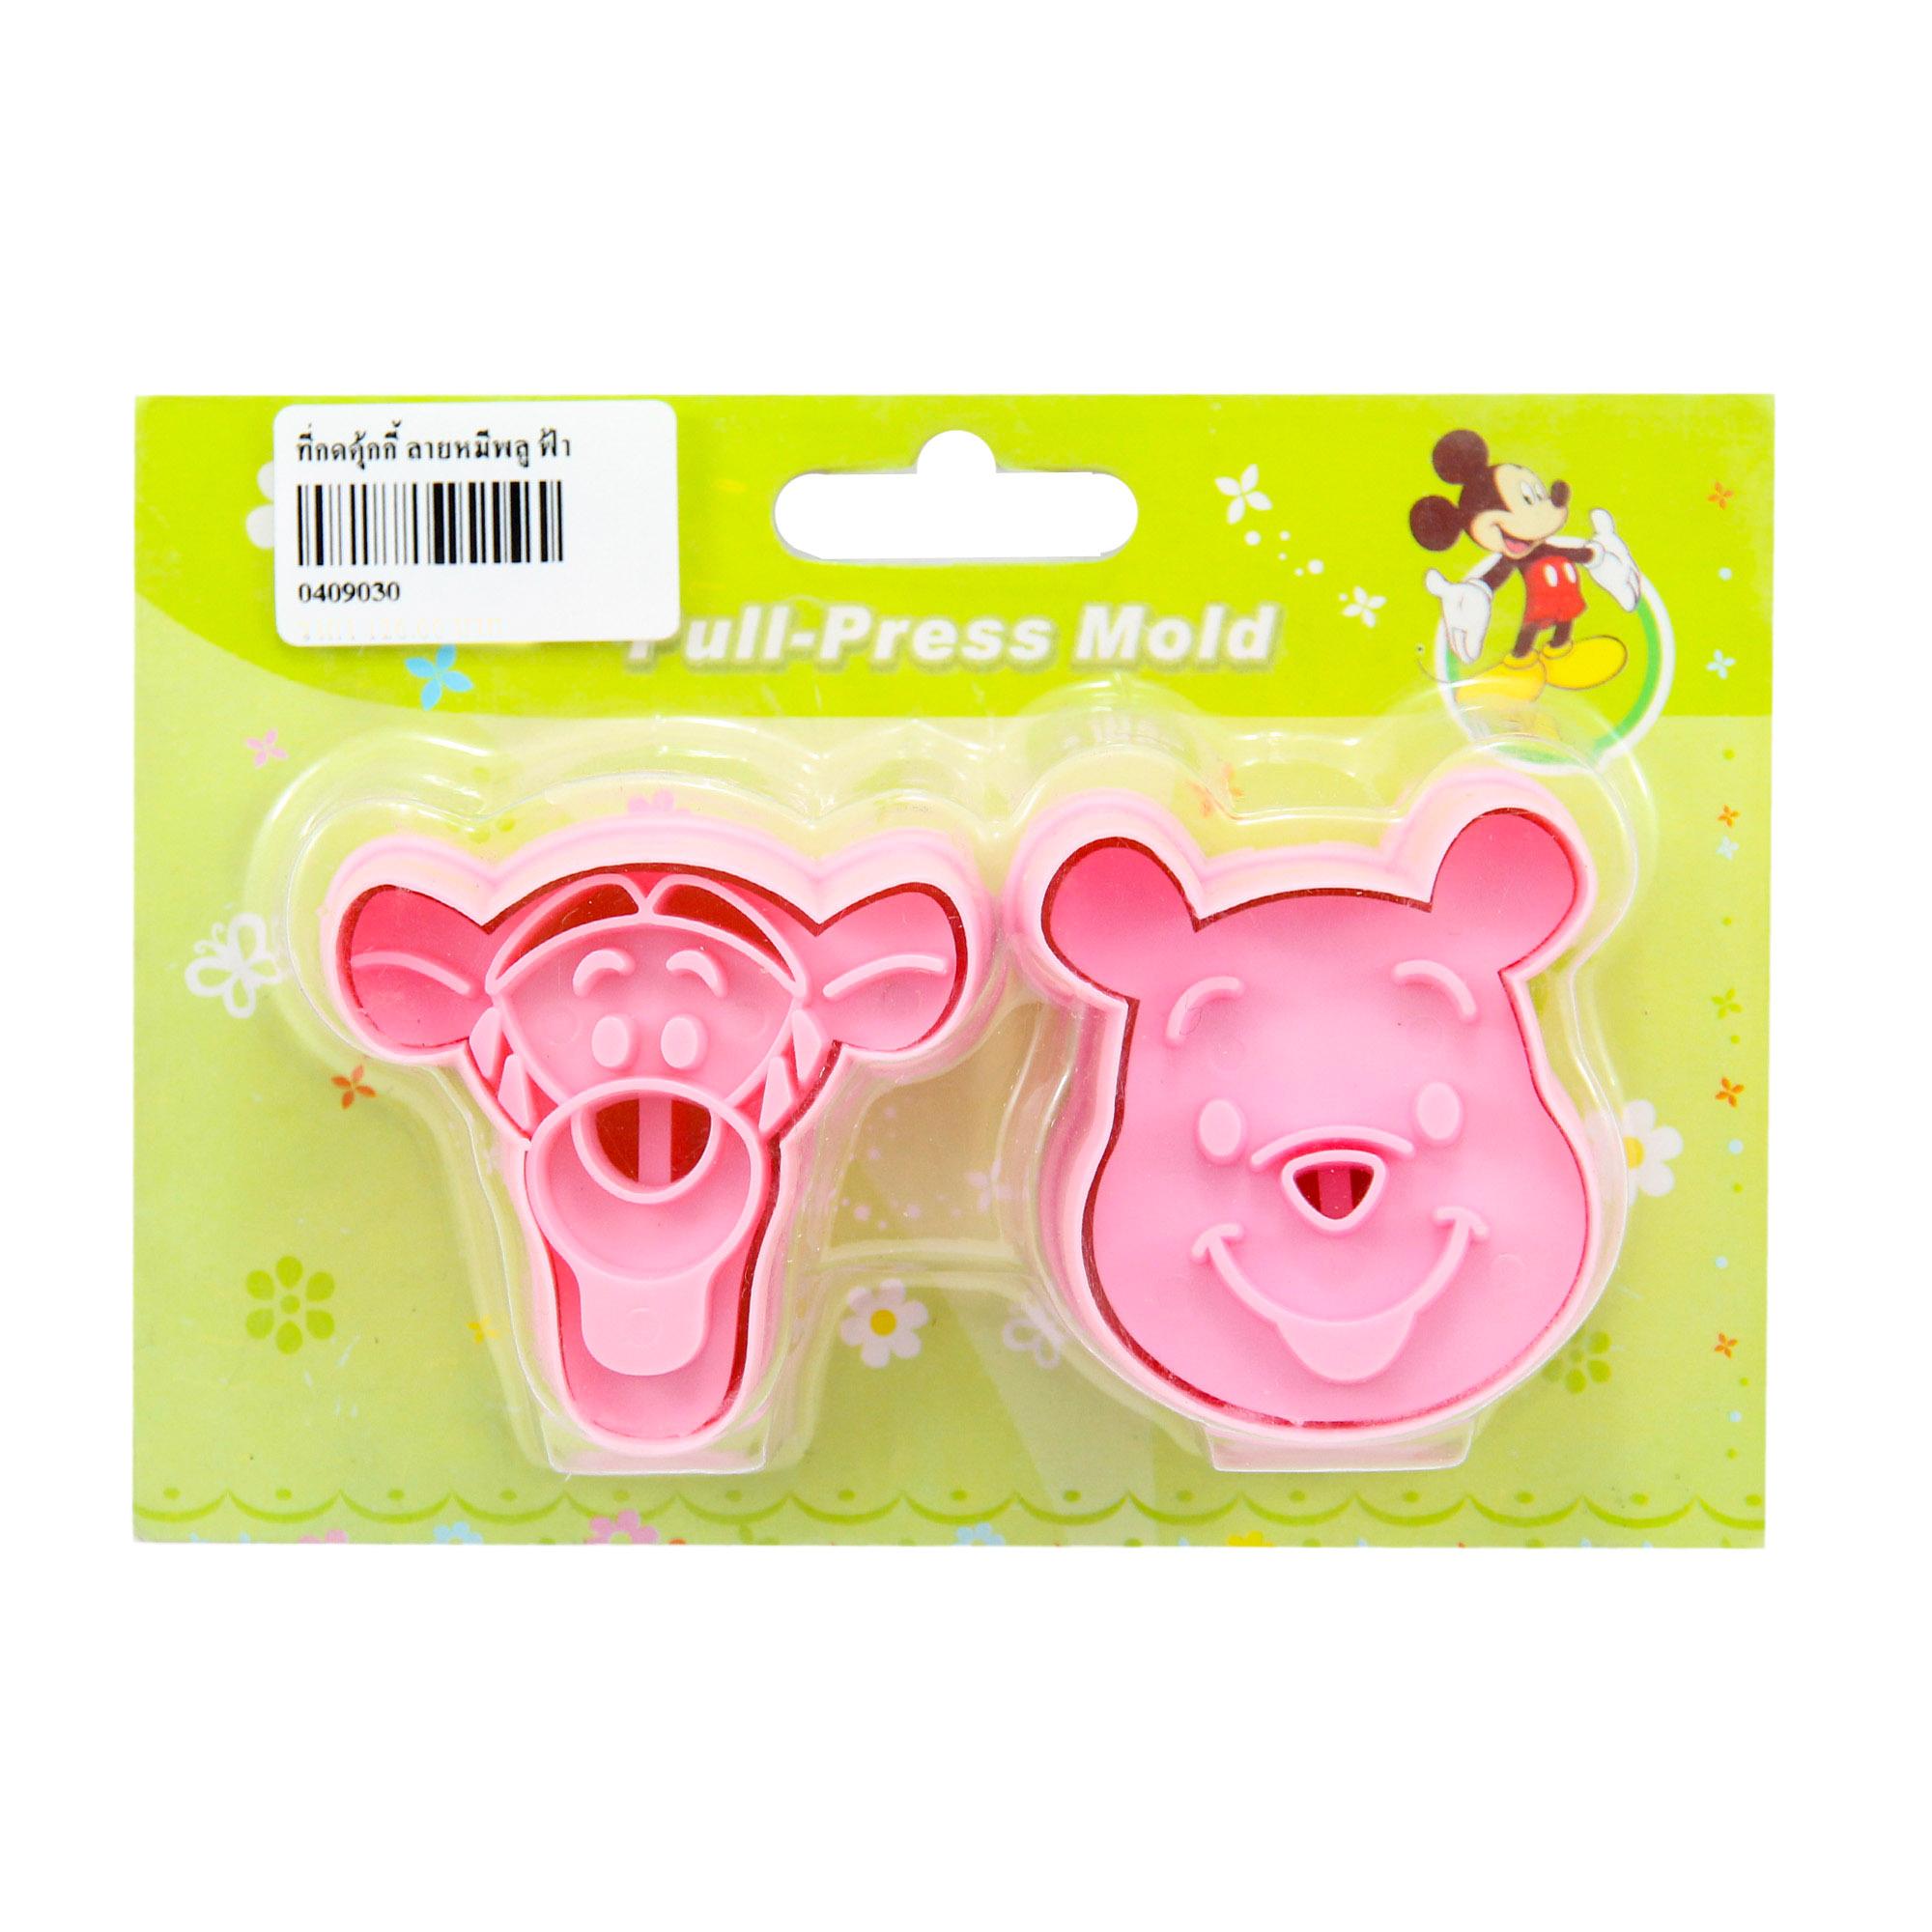 พิมพ์กดคุ้กกี้ ฟองดอง ลาย เสือ Trigger และหมี Pooh